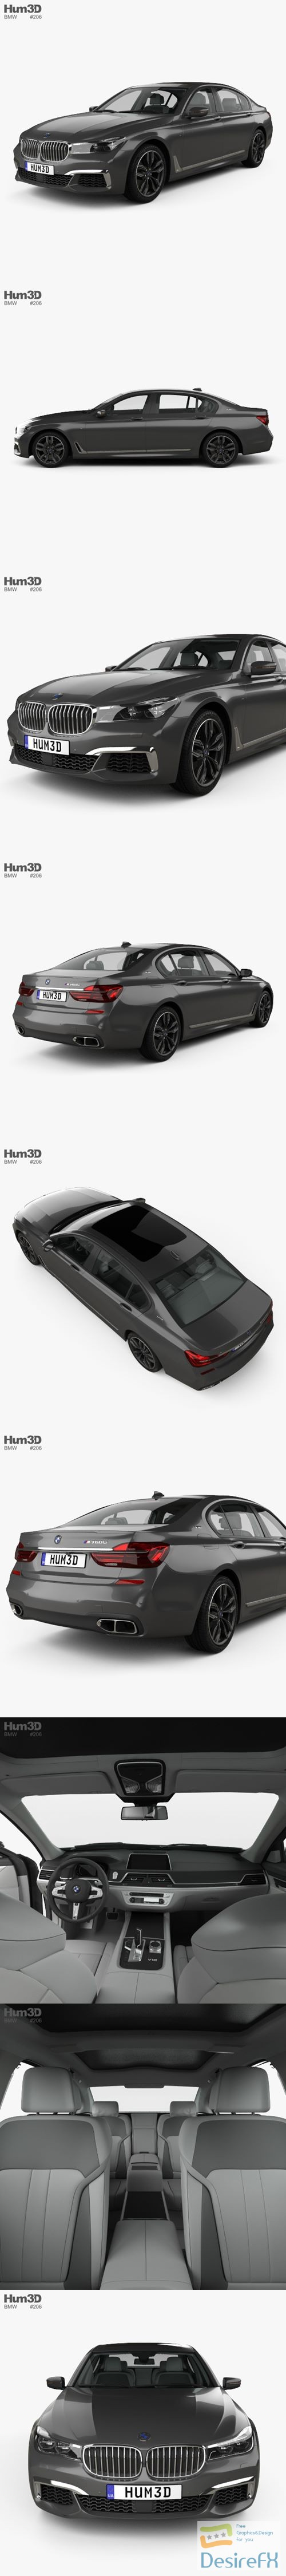 3d-models - BMW M7 (G12) with HQ interior 2017 3D Model